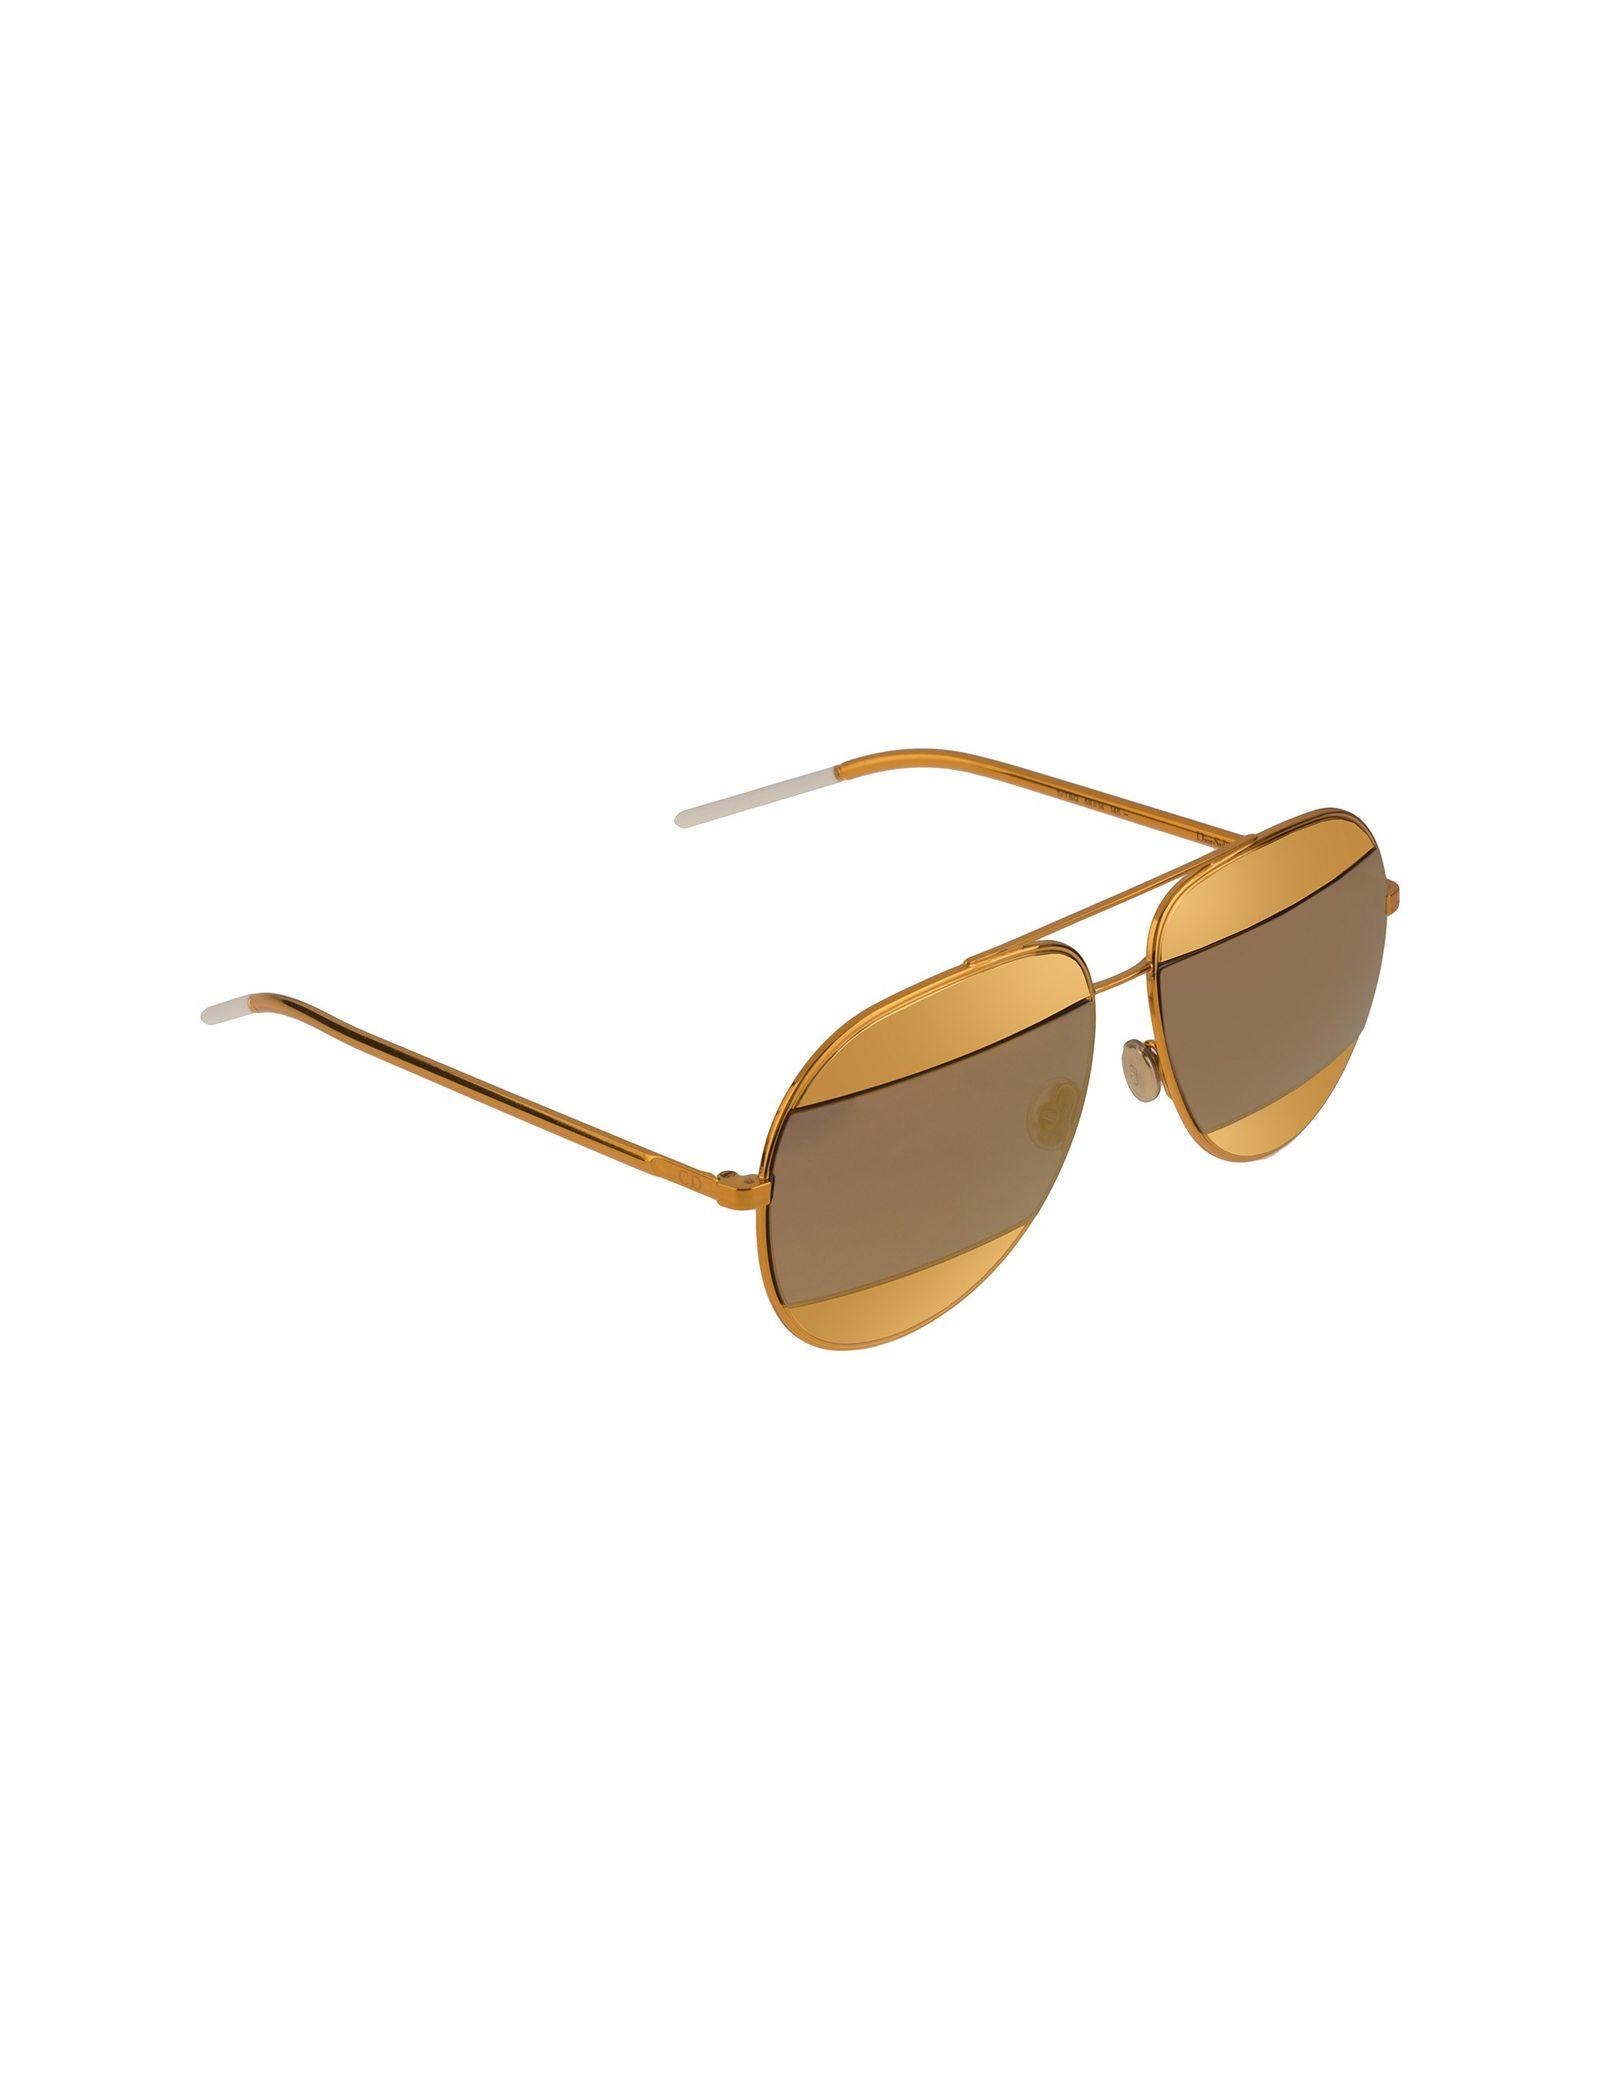 عینک آفتابی خلبانی زنانه - دیور - طلايي  - 2